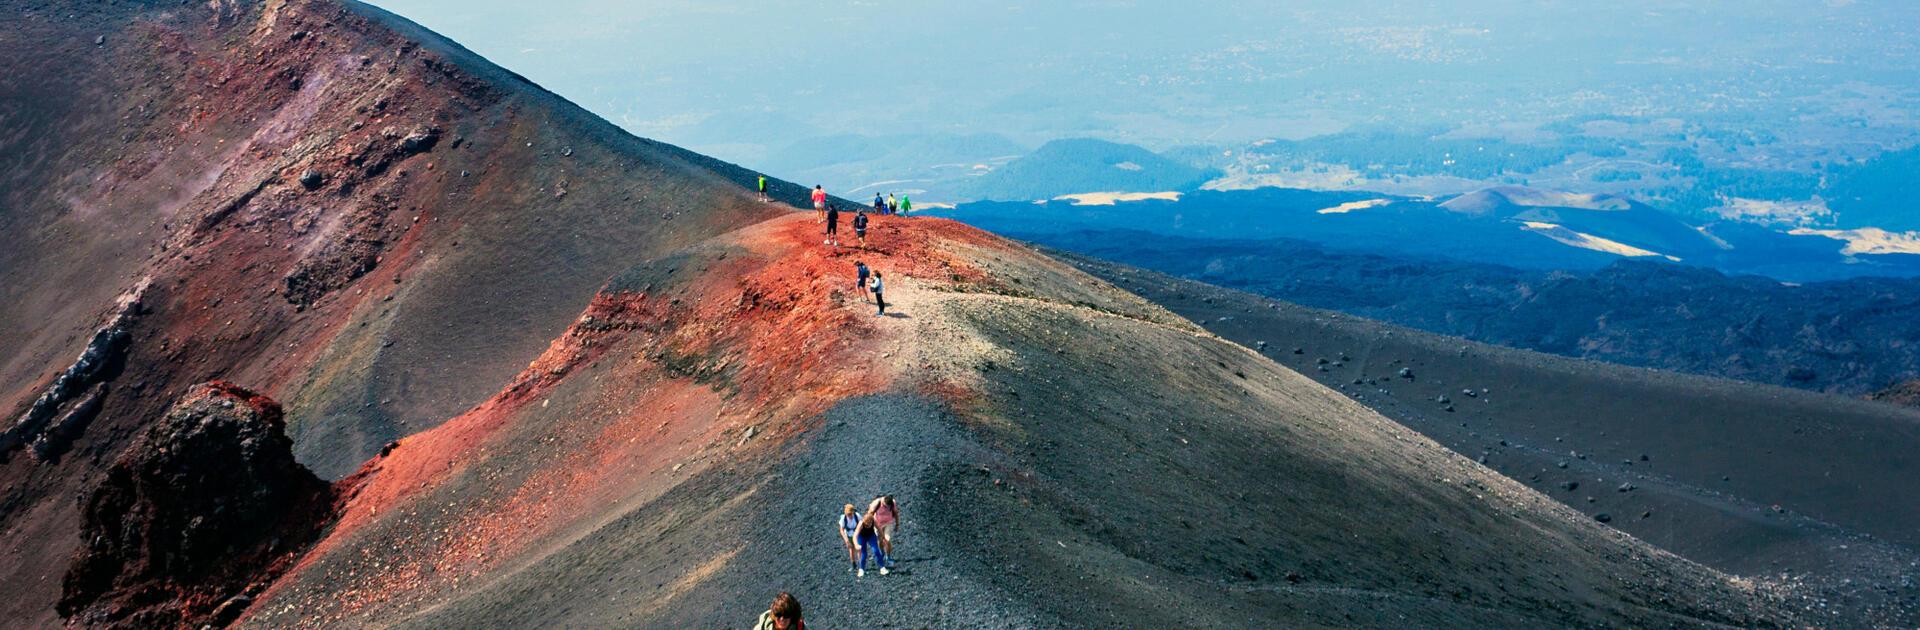 Le pendici dell'Etna